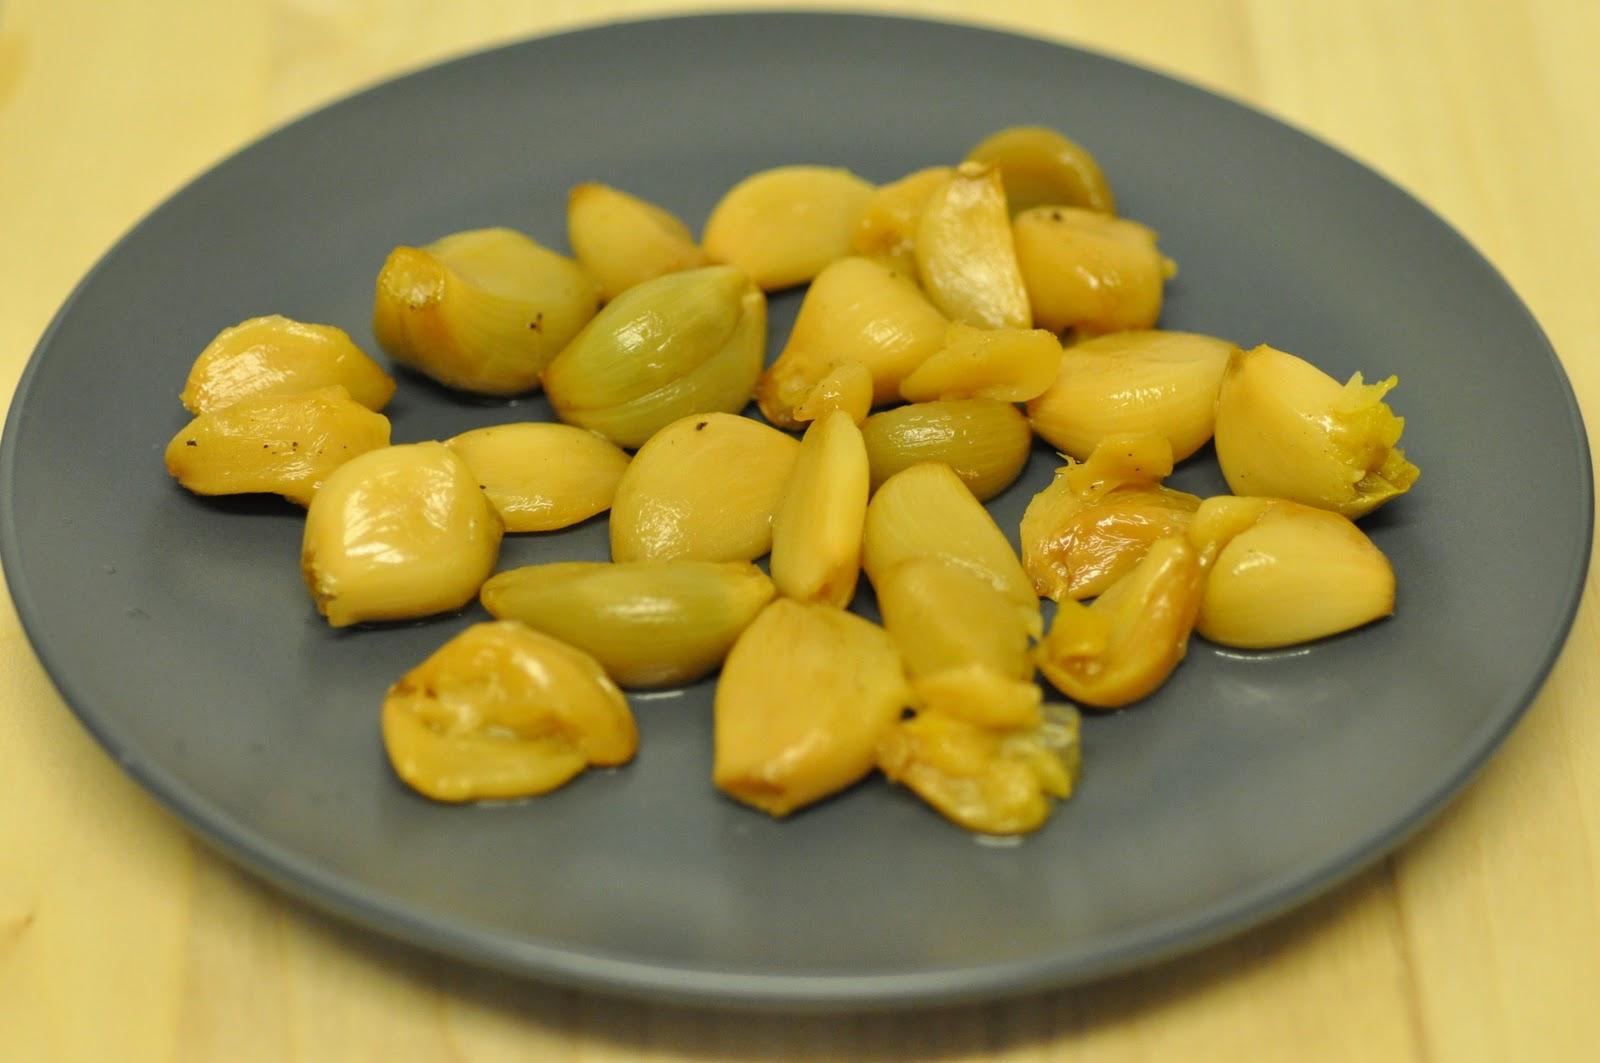 Handsindough: 44-clove garlic soup (sopa de ajo con Parmesano)